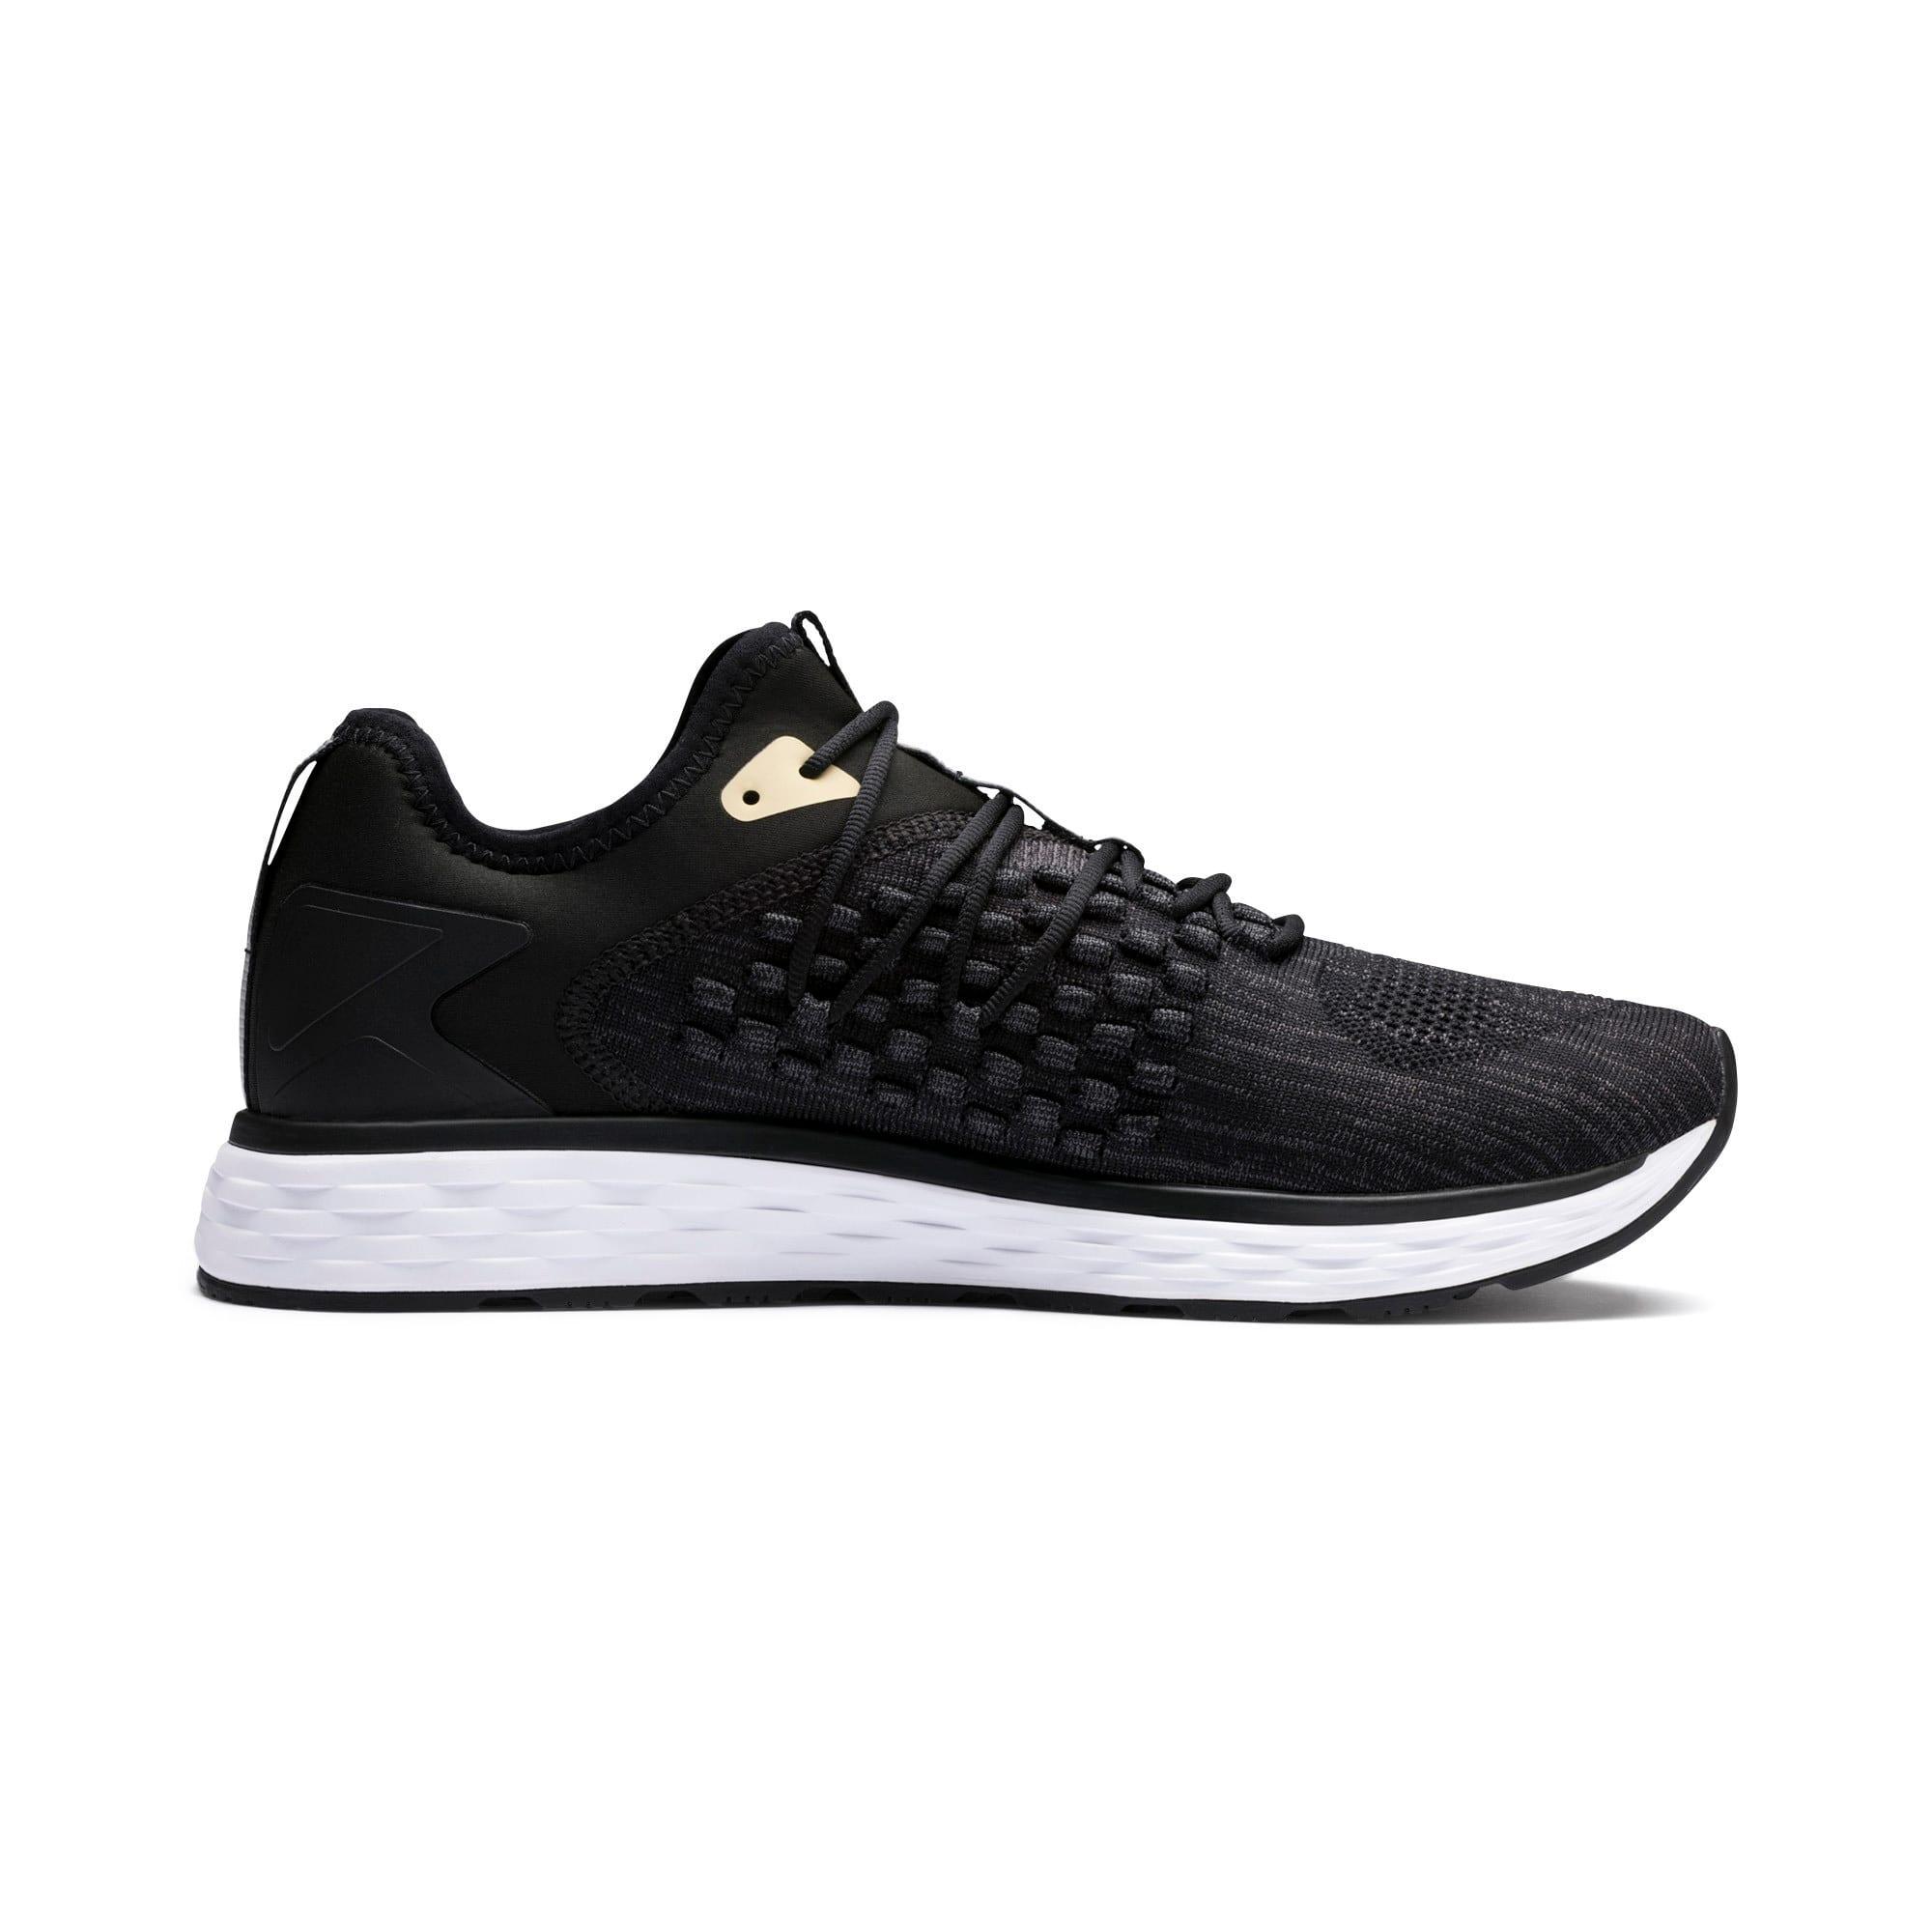 Thumbnail 6 of SPEED FUSEFIT Men's Running Shoes, Black-White-Taos Taupe, medium